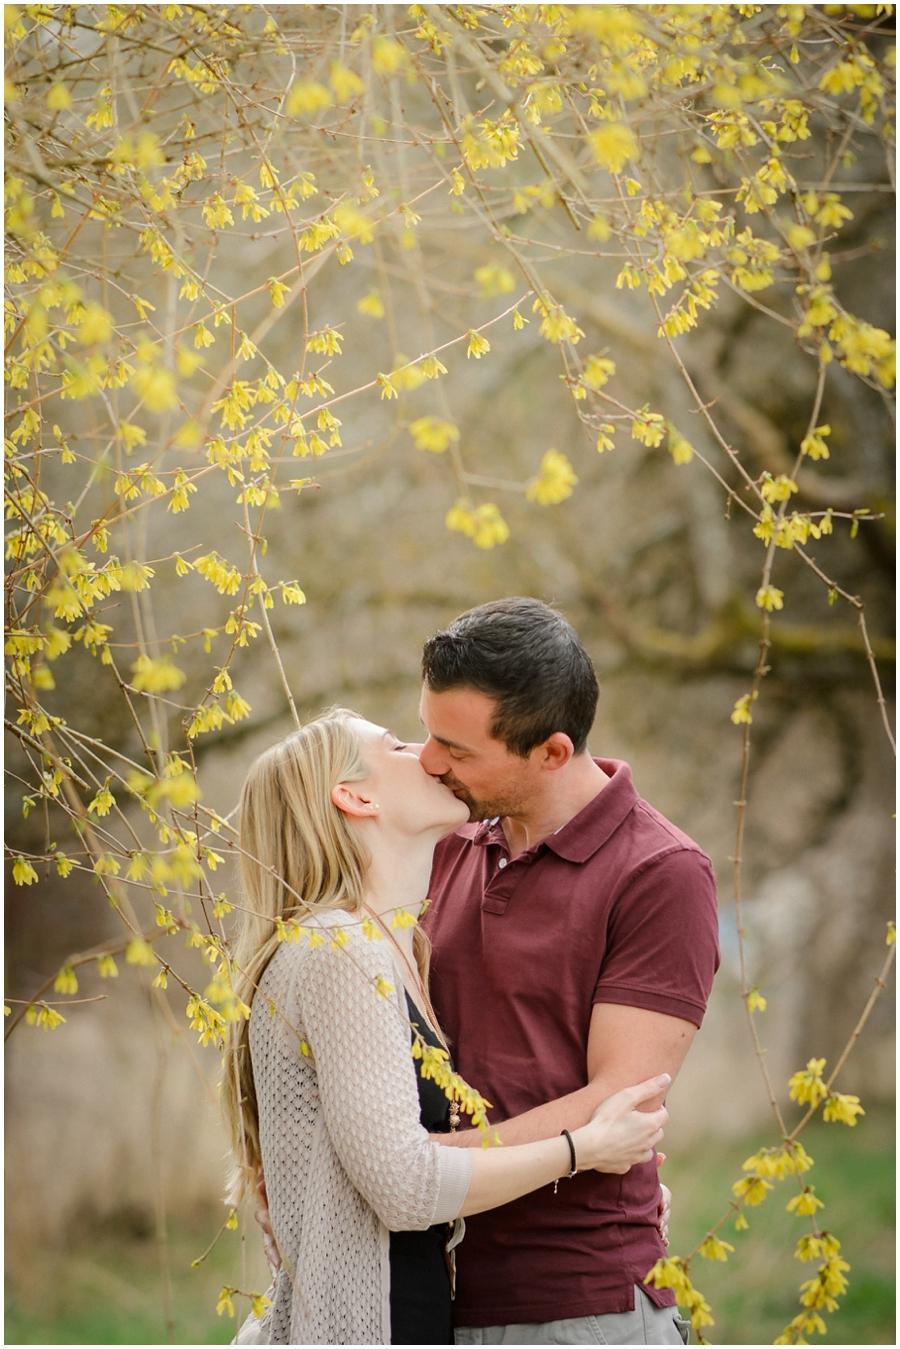 Verlobung-Fotoshooting-in-Pforzheim